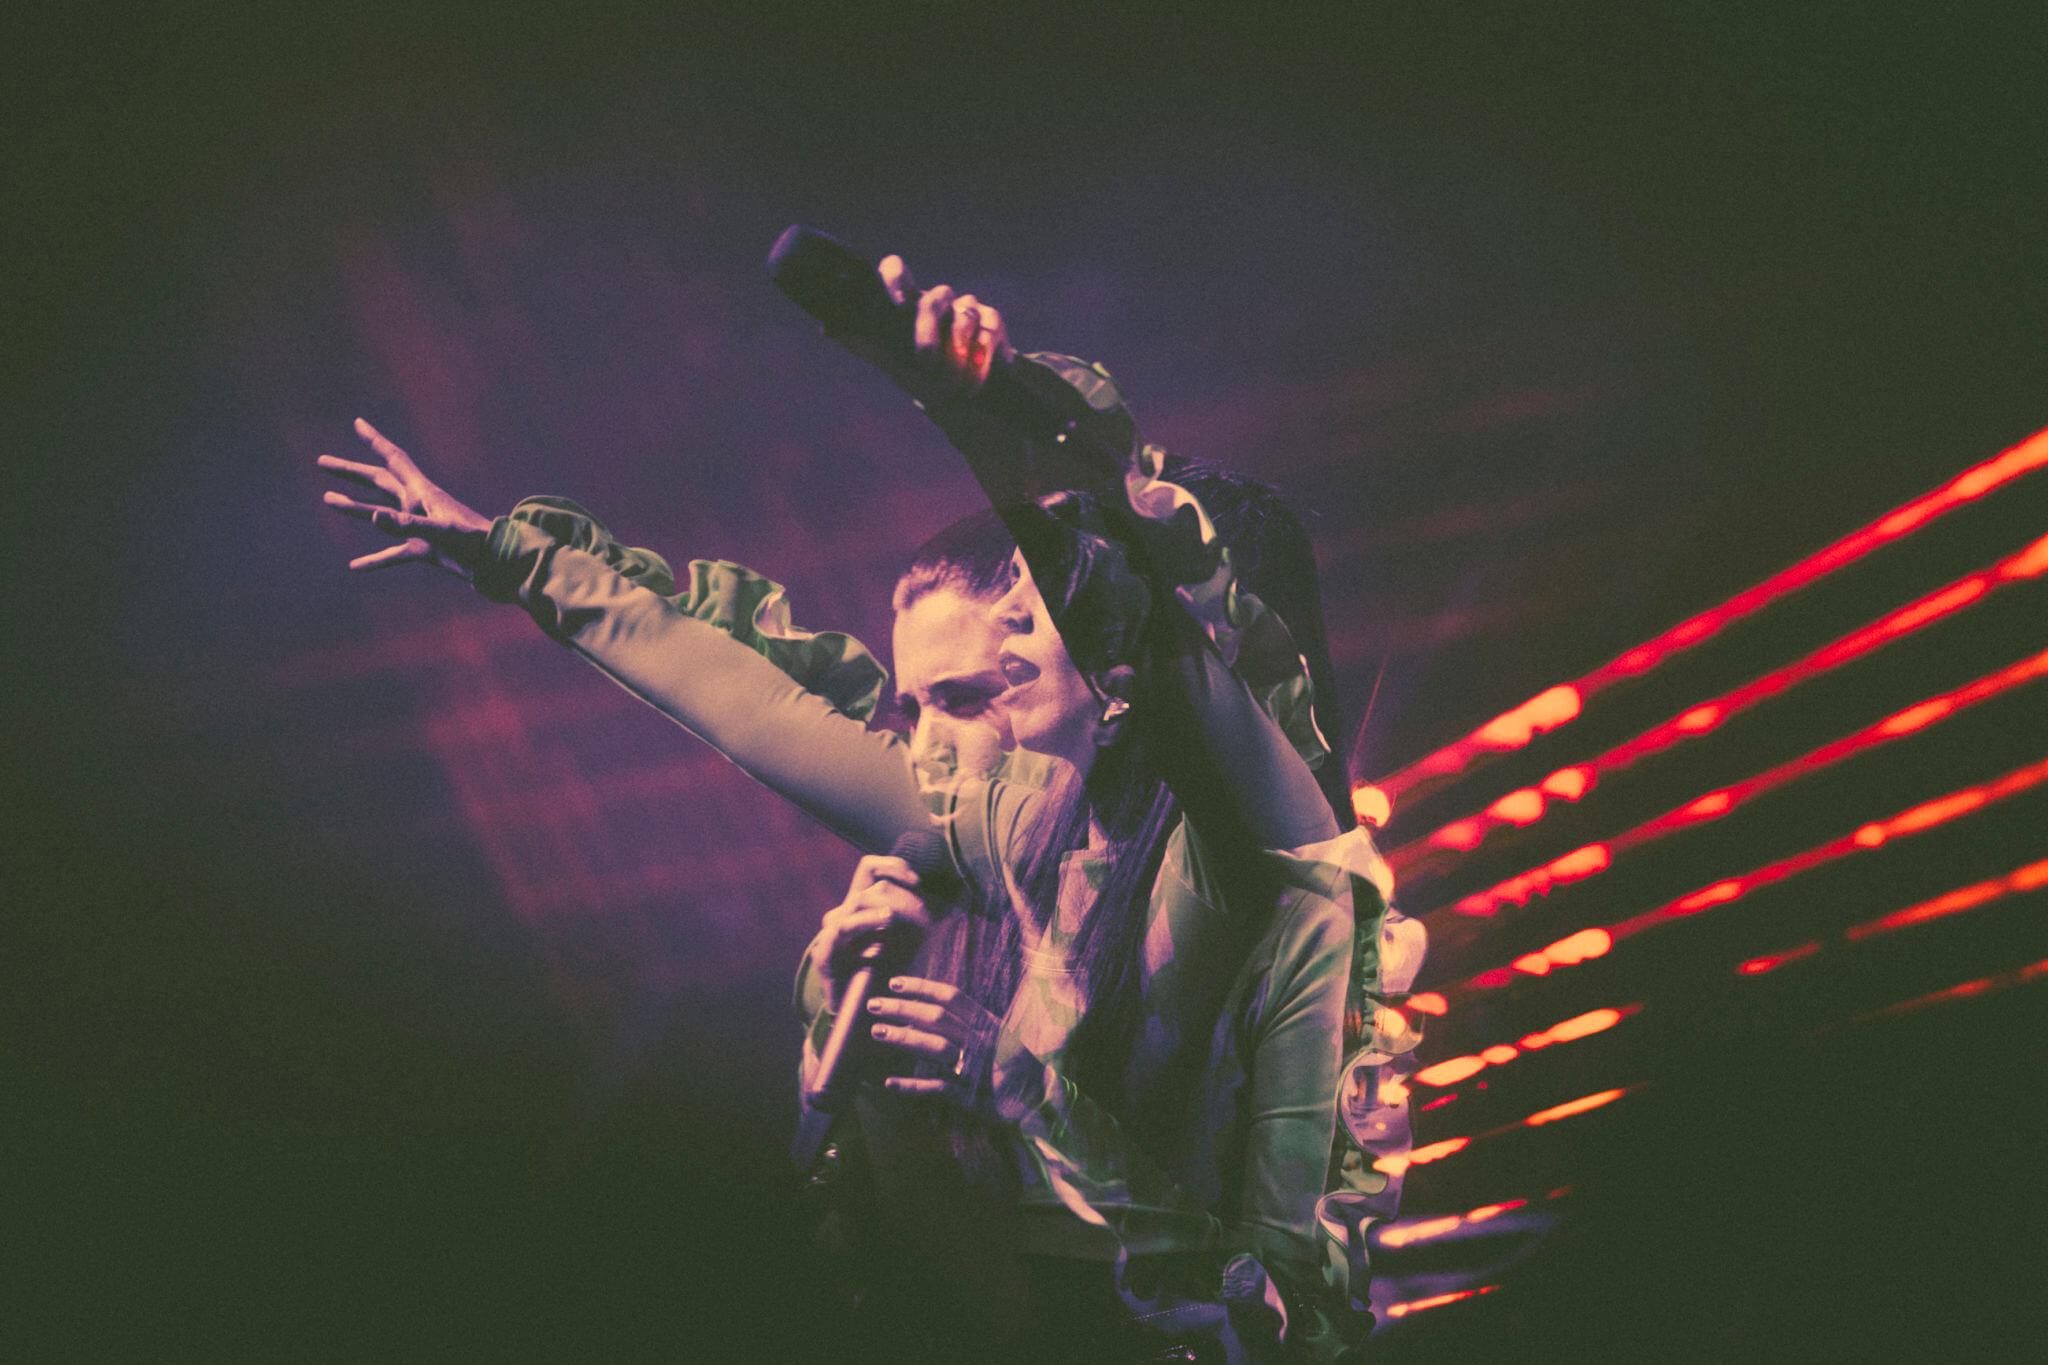 """De melodrama y alta fiesta: Javiera Mena lanza su álbum """"Espejo"""" en vivo"""